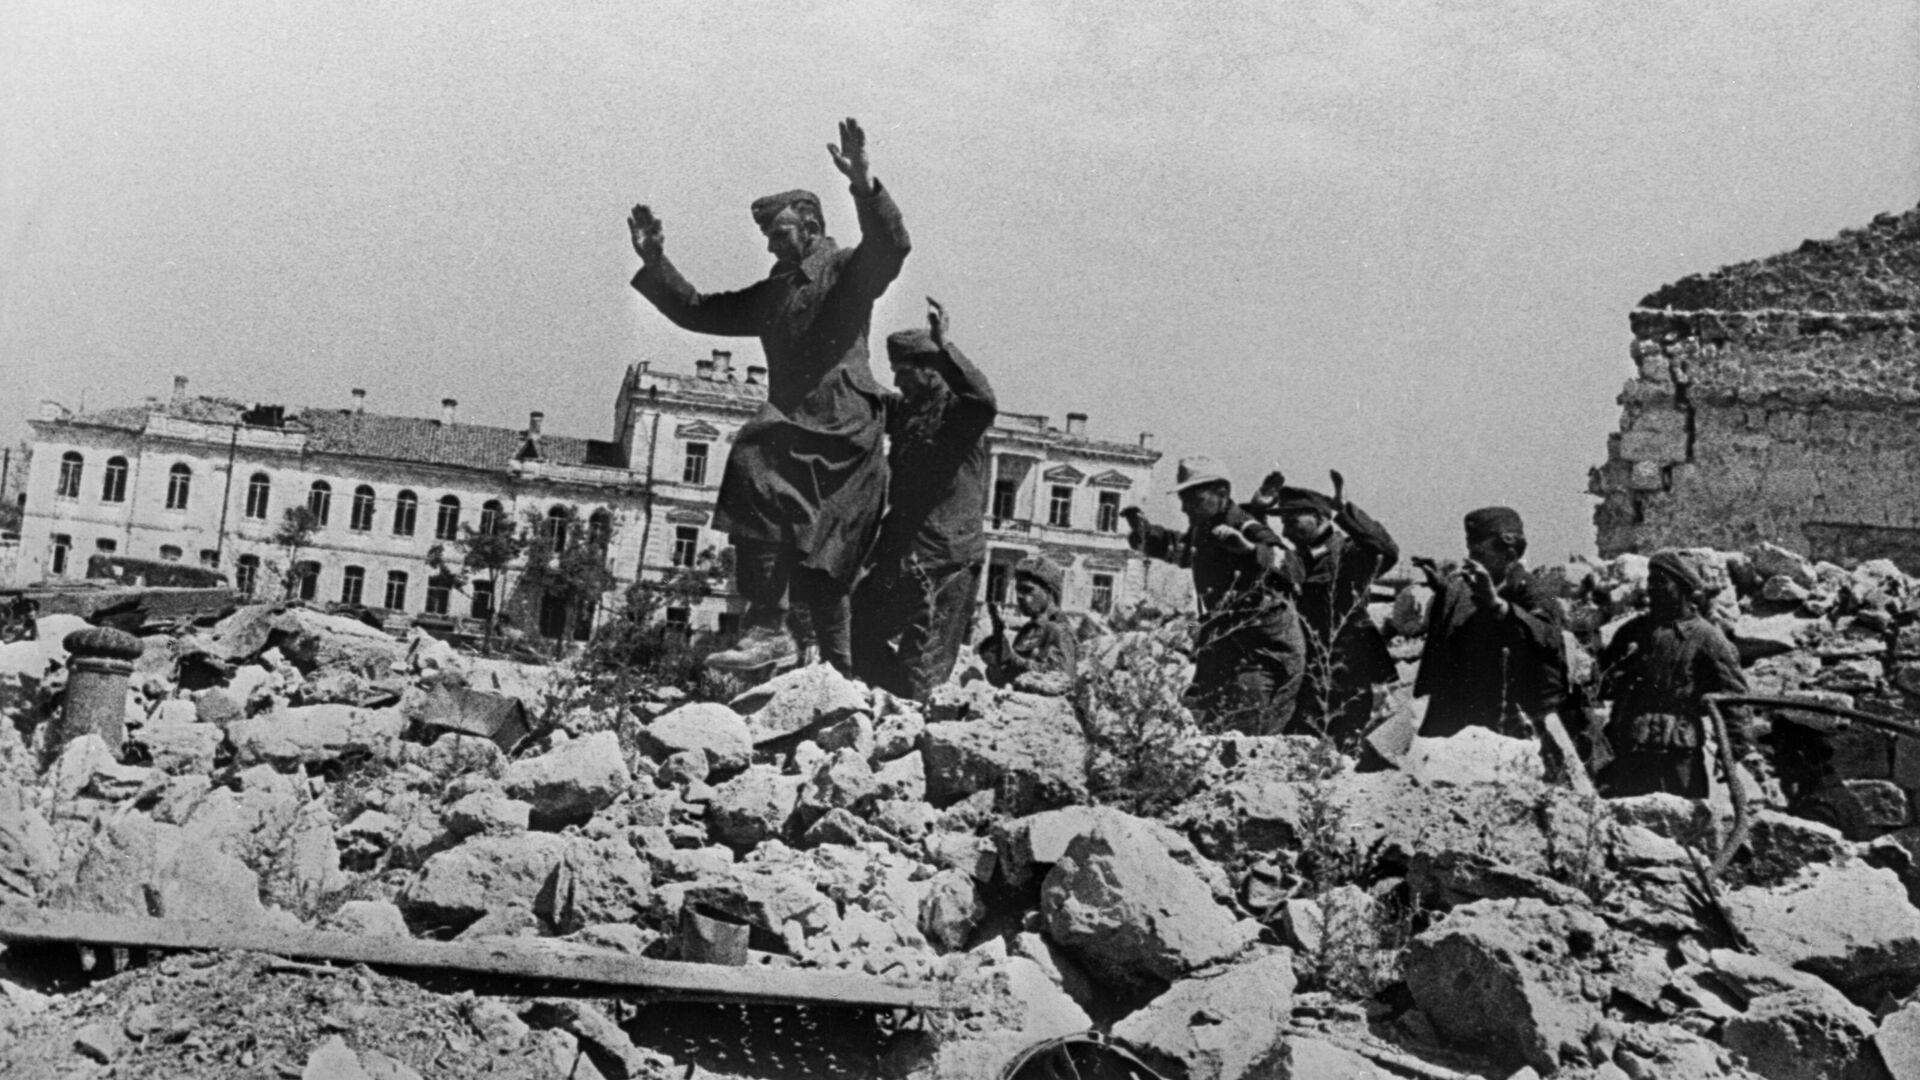 Пленные немцы на развалинах Севастополя около Графской пристани - РИА Новости, 1920, 22.06.2021